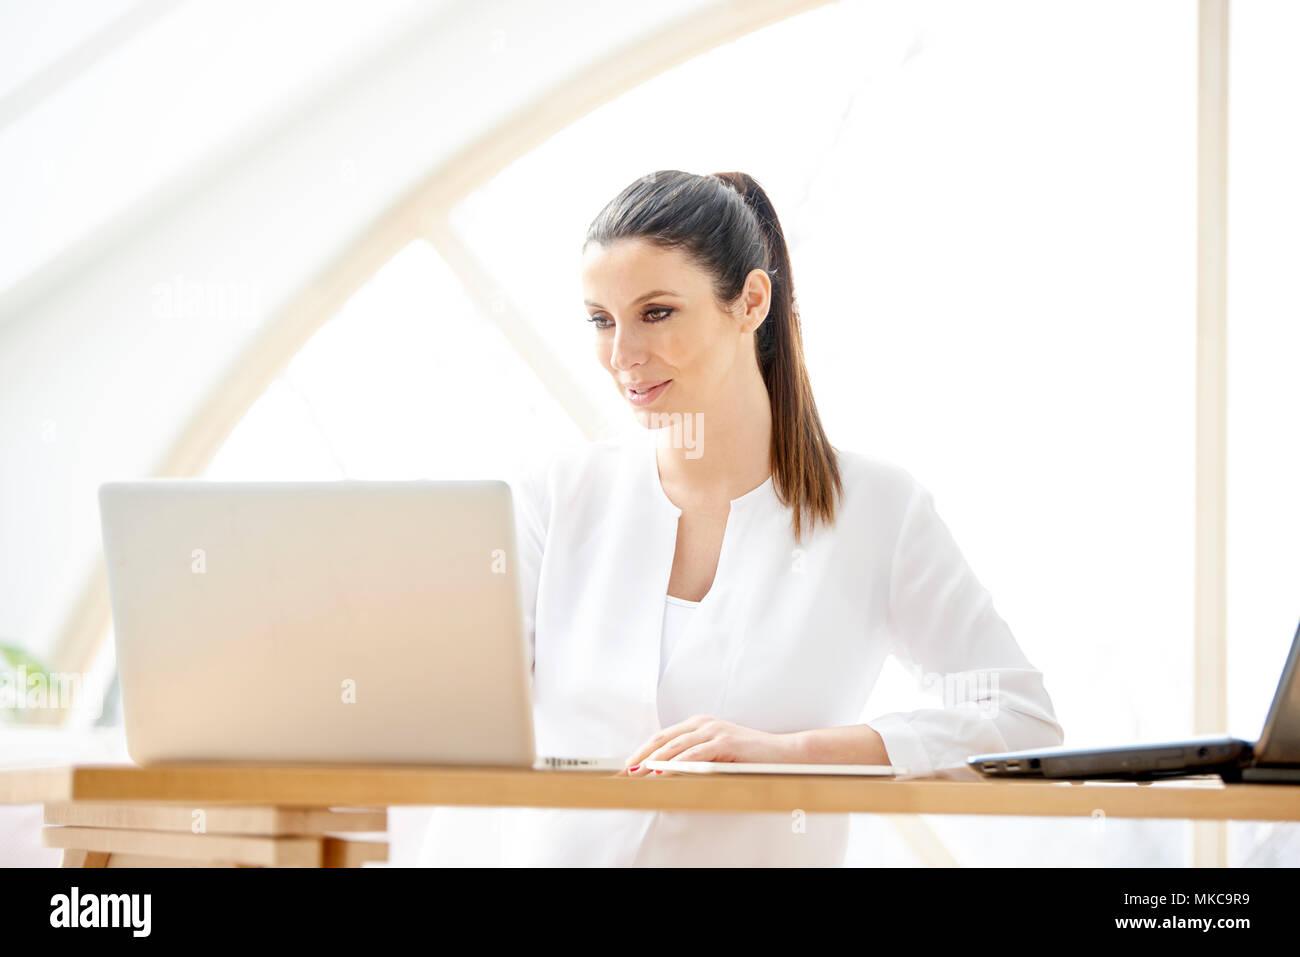 Ritratto di giovane attraente assistente vendite imprenditrice utilizzando computer portatile presso l'ufficio. Immagini Stock